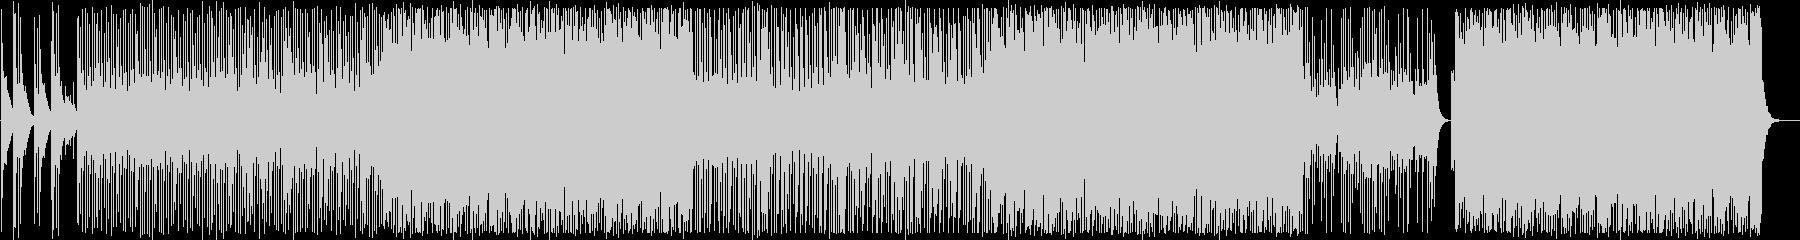 和風/和楽器/掛け声(は!/よぉ~)A2の未再生の波形